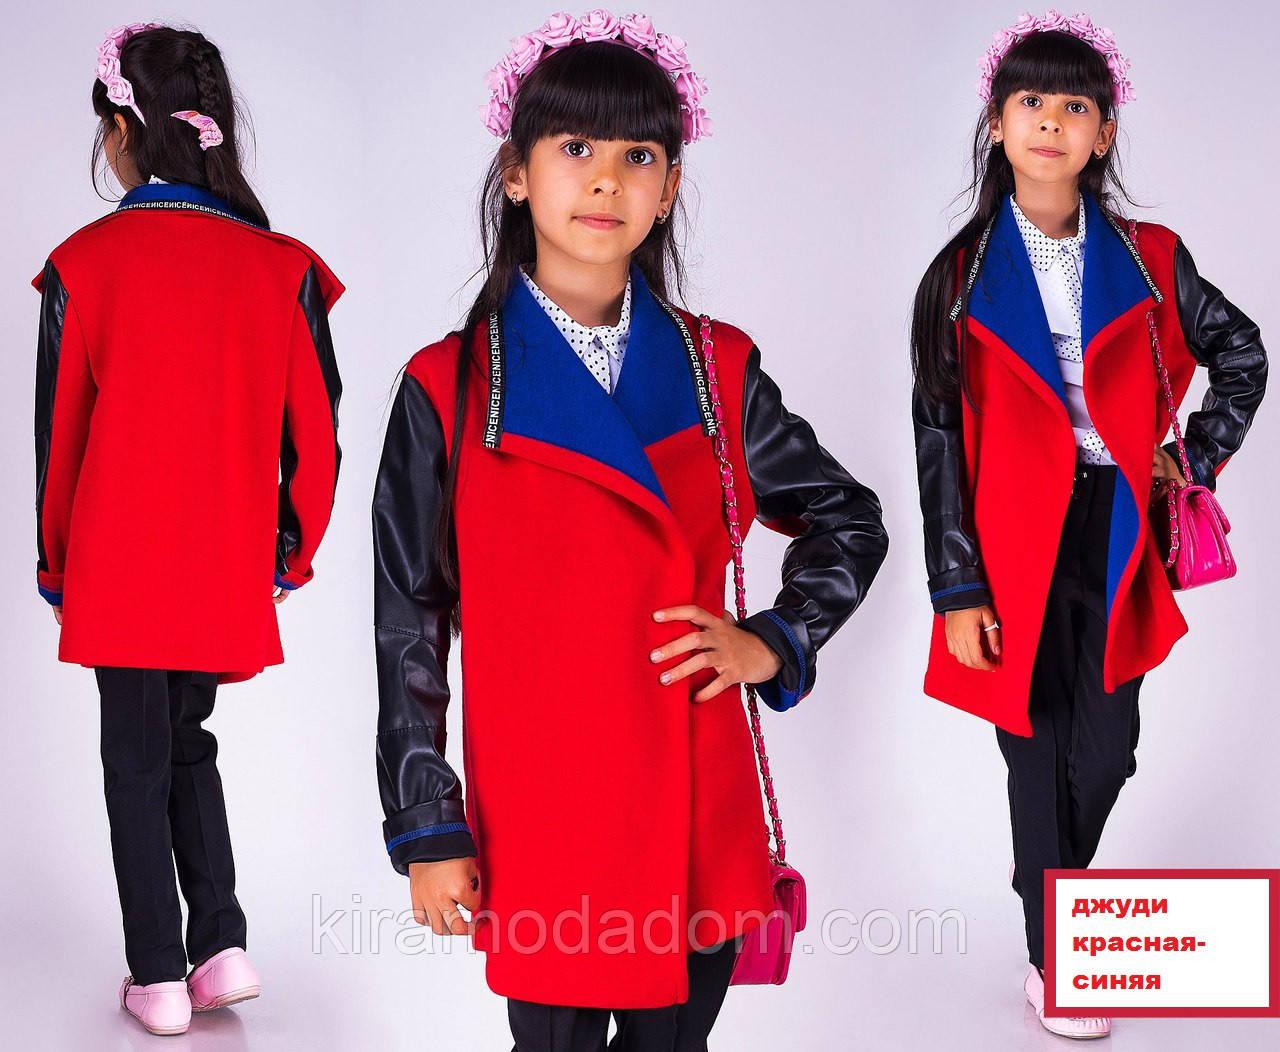 4b5f23cb04f Кофты для девочки длинный рукав интернет магазин - Модный дом одежды Кира в  Харькове